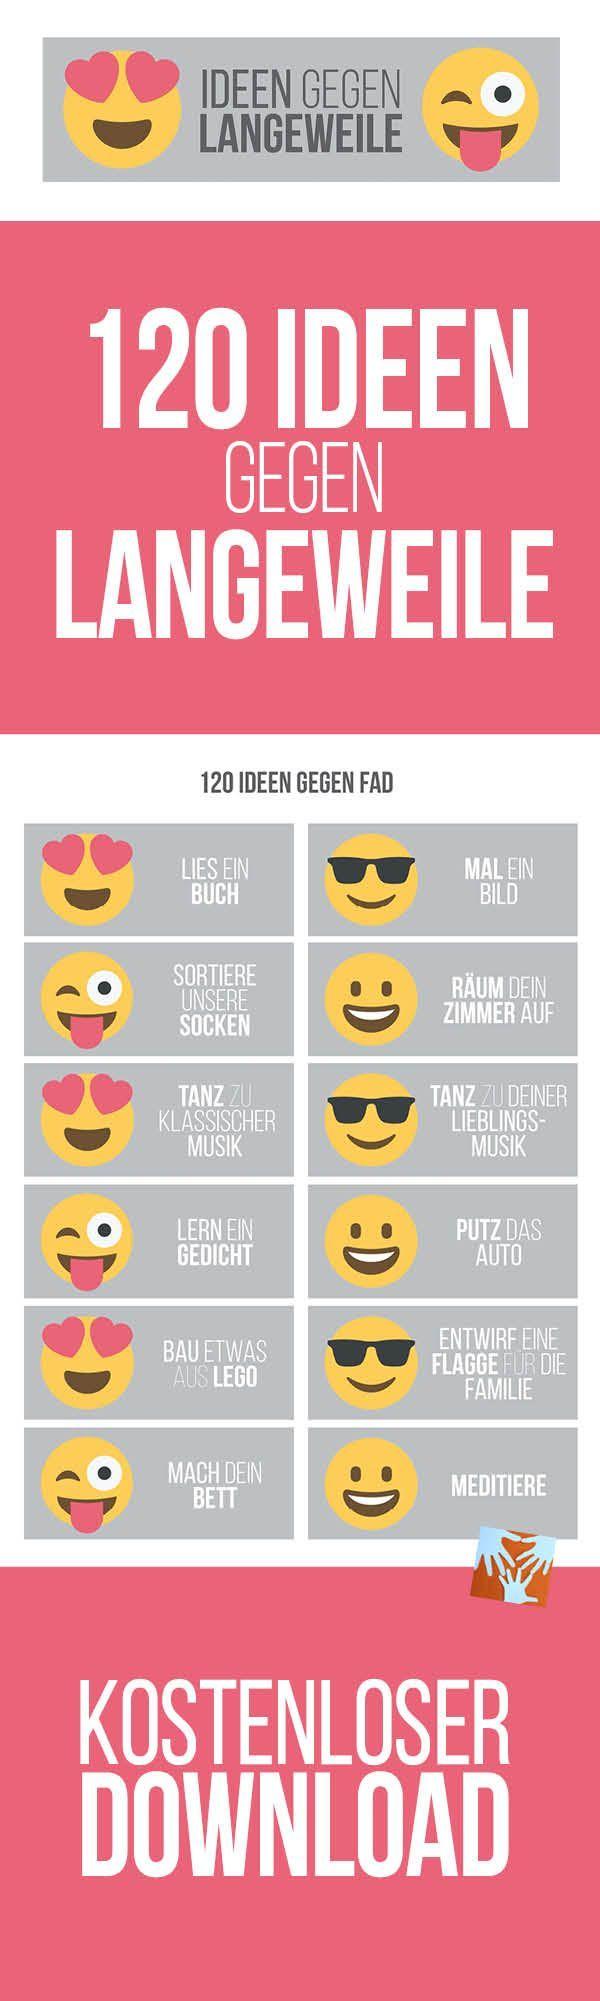 Must-have für Eltern: 120 Ideen gegen Langeweile   kostenloser Download   Erziehung, Alltag mit Kind